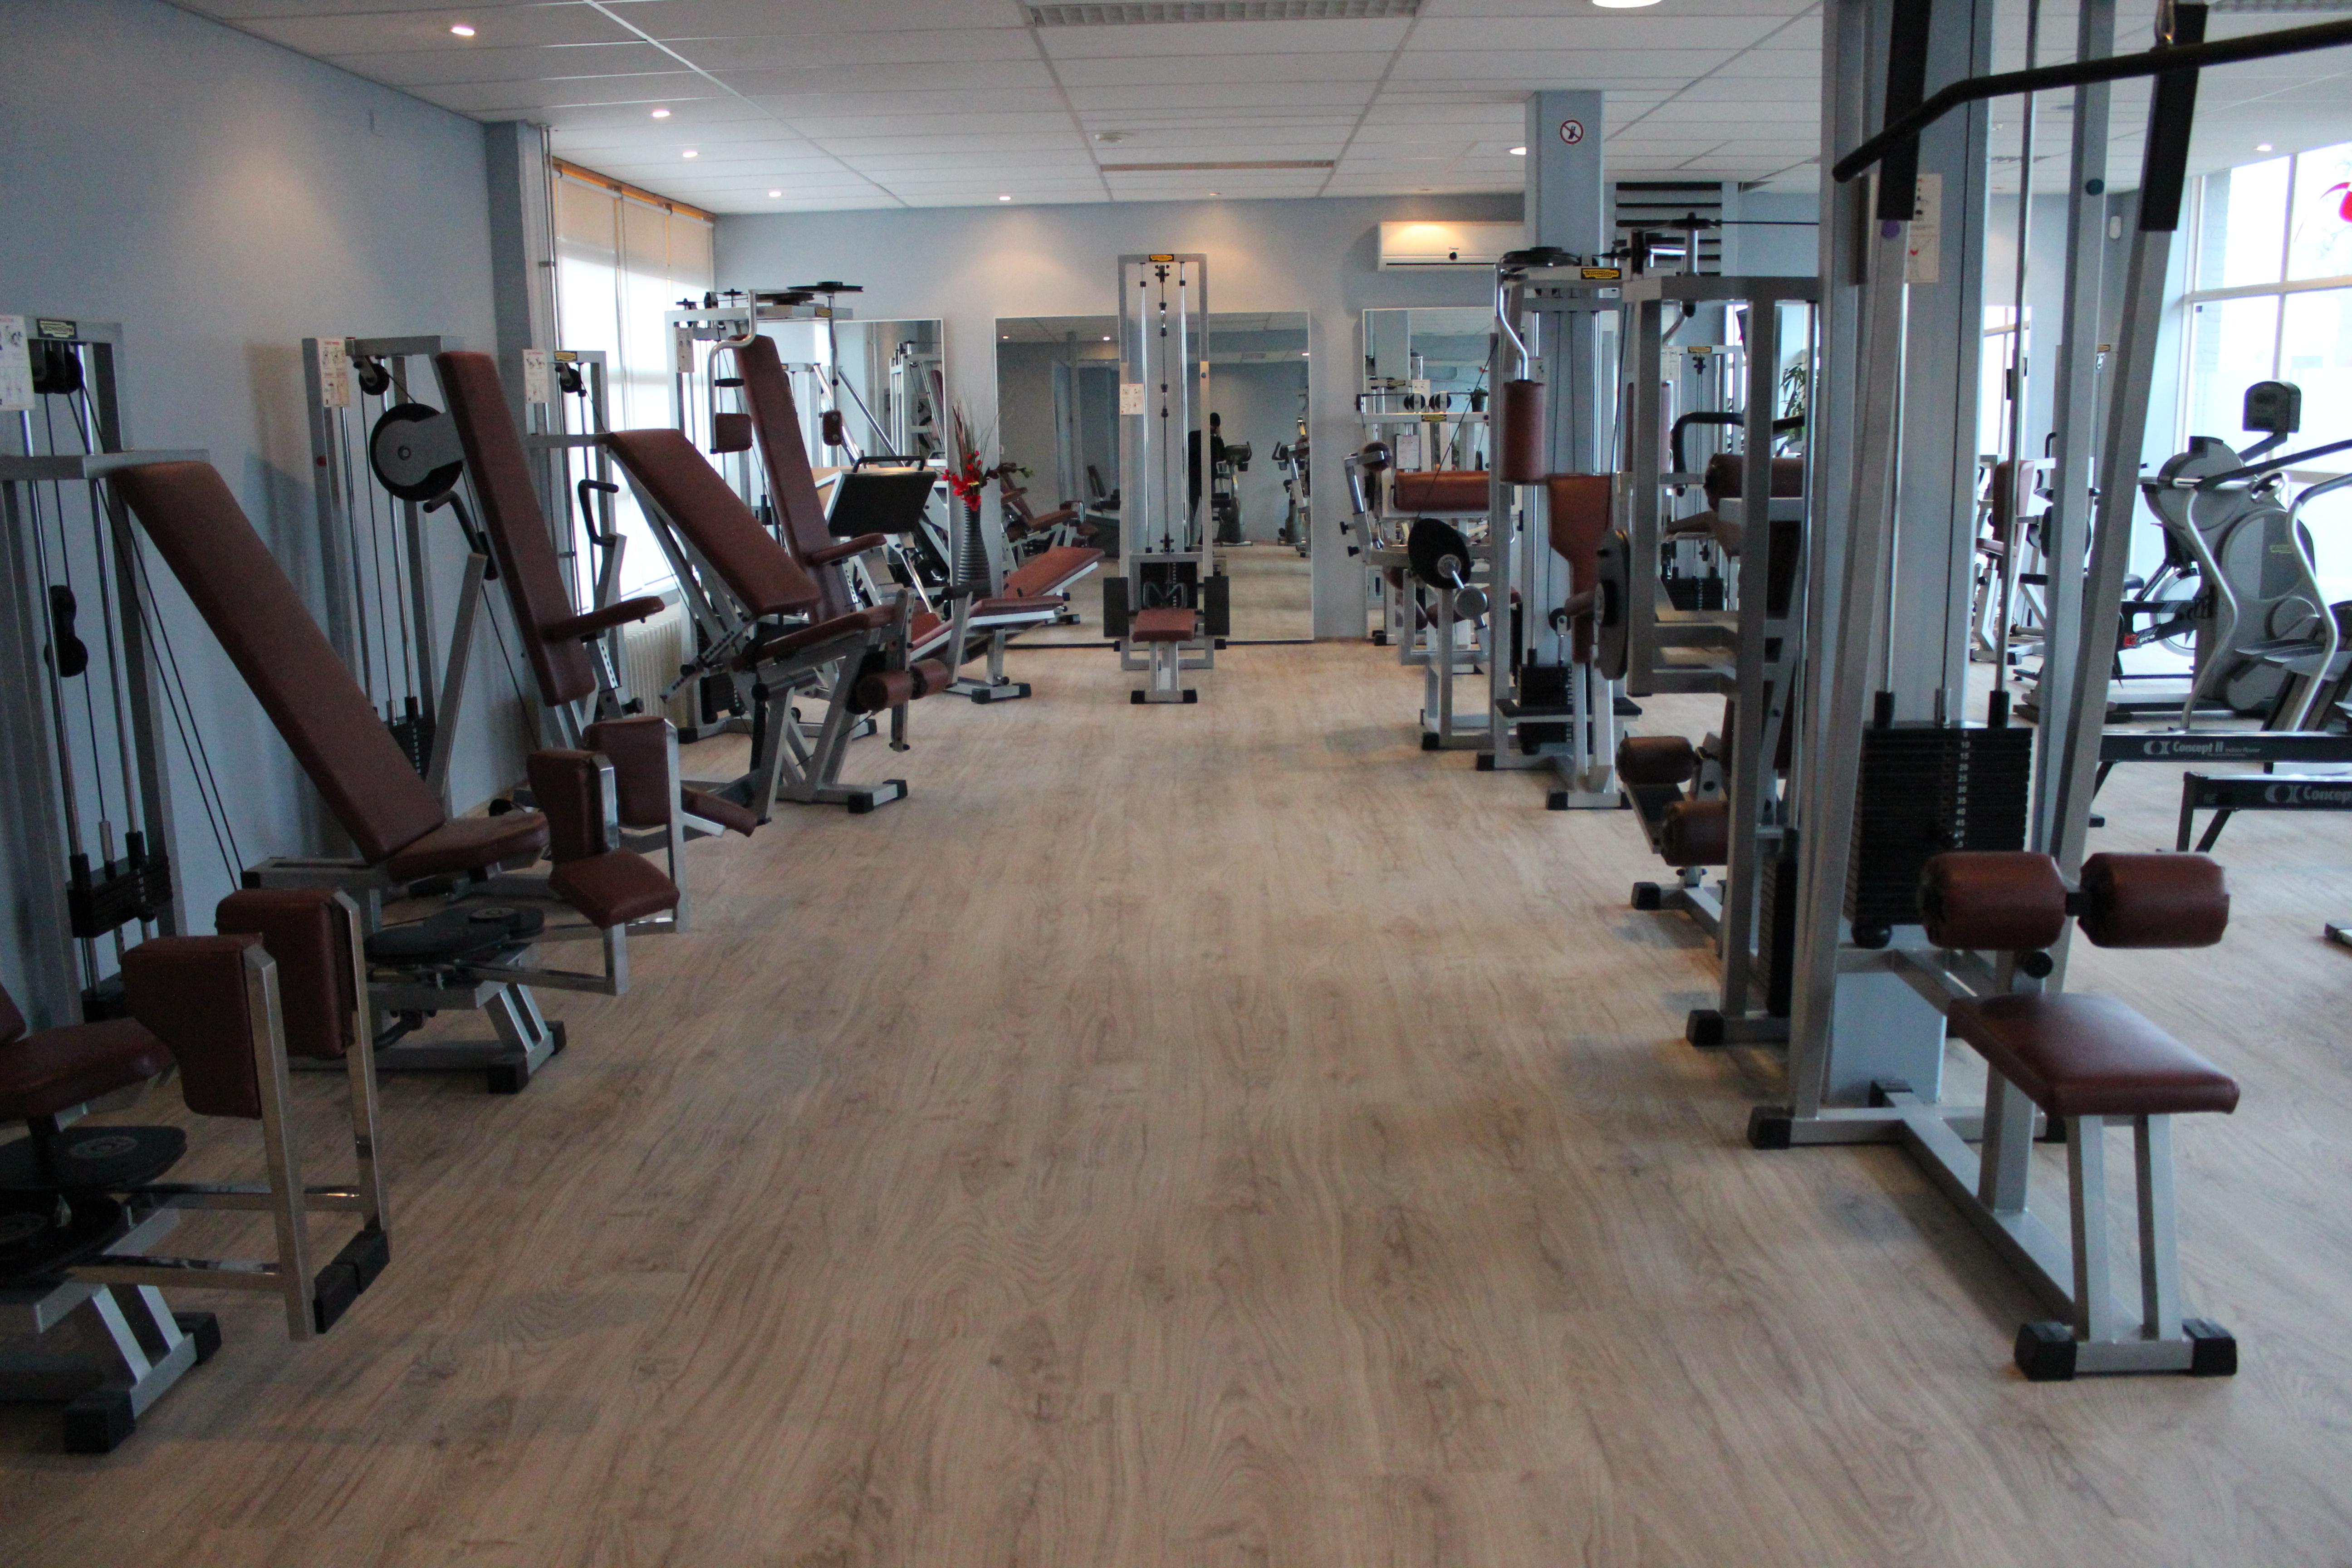 Novilon Pvc Vloer : Pvc vloer sportschool woninginrichting van nuland